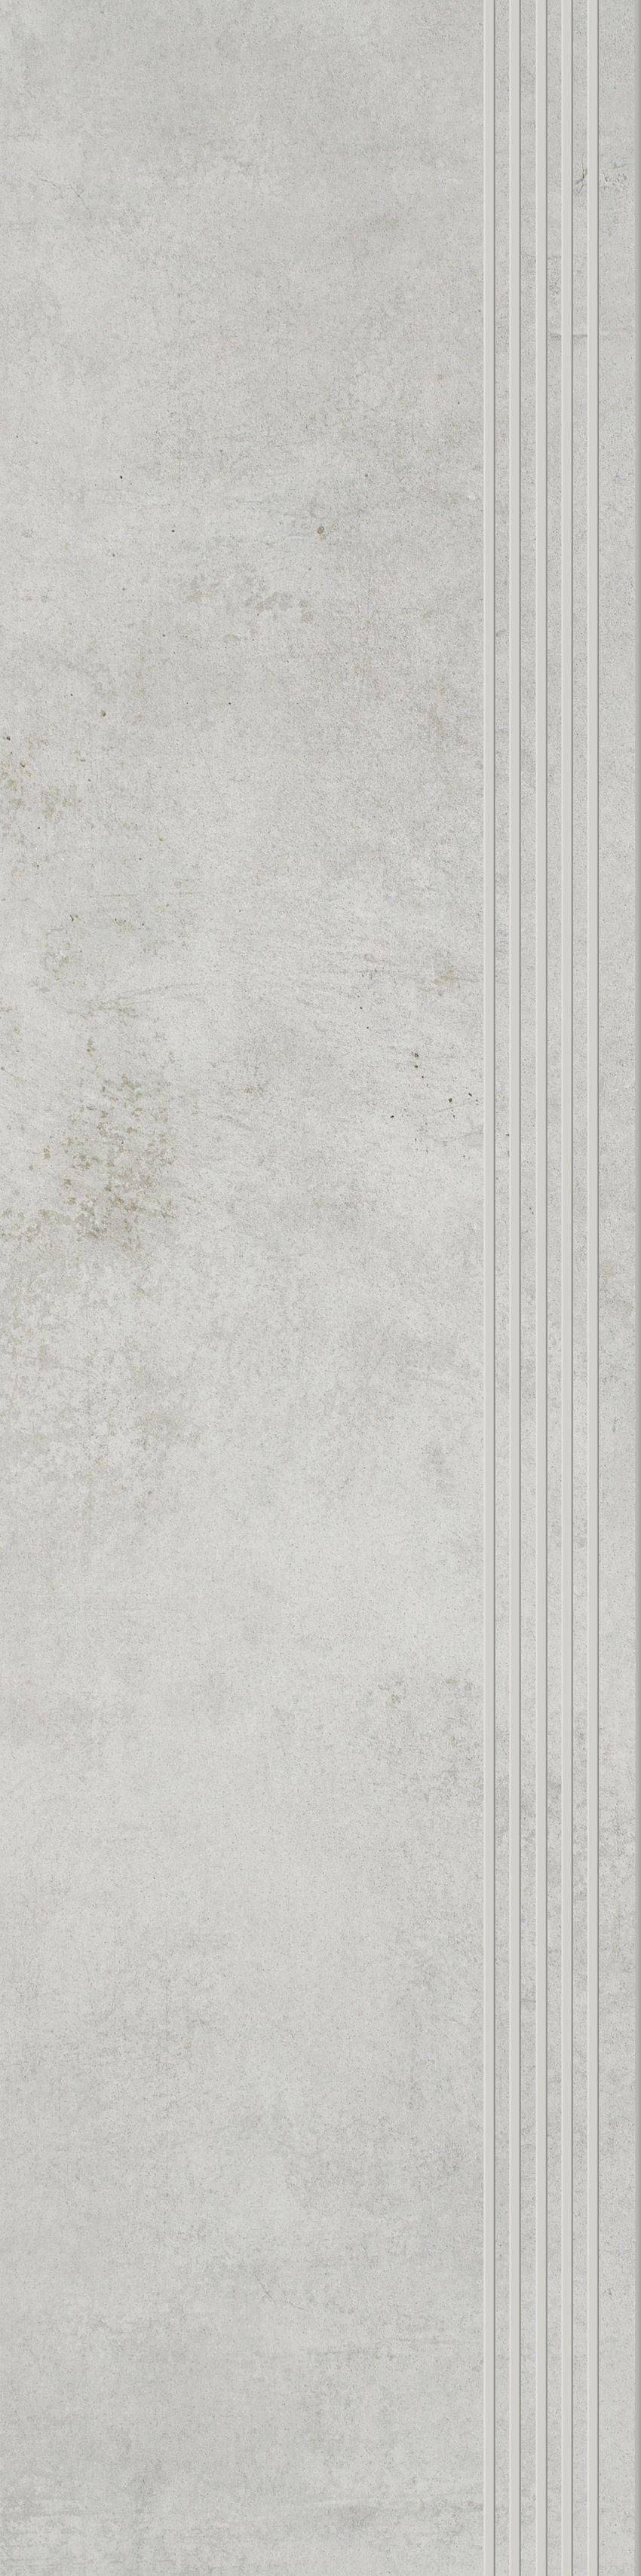 Płytka stopnicowa 29,8x119,8 cm Paradyż Scratch Bianco Stopnica Prosta Nacinana Mat.